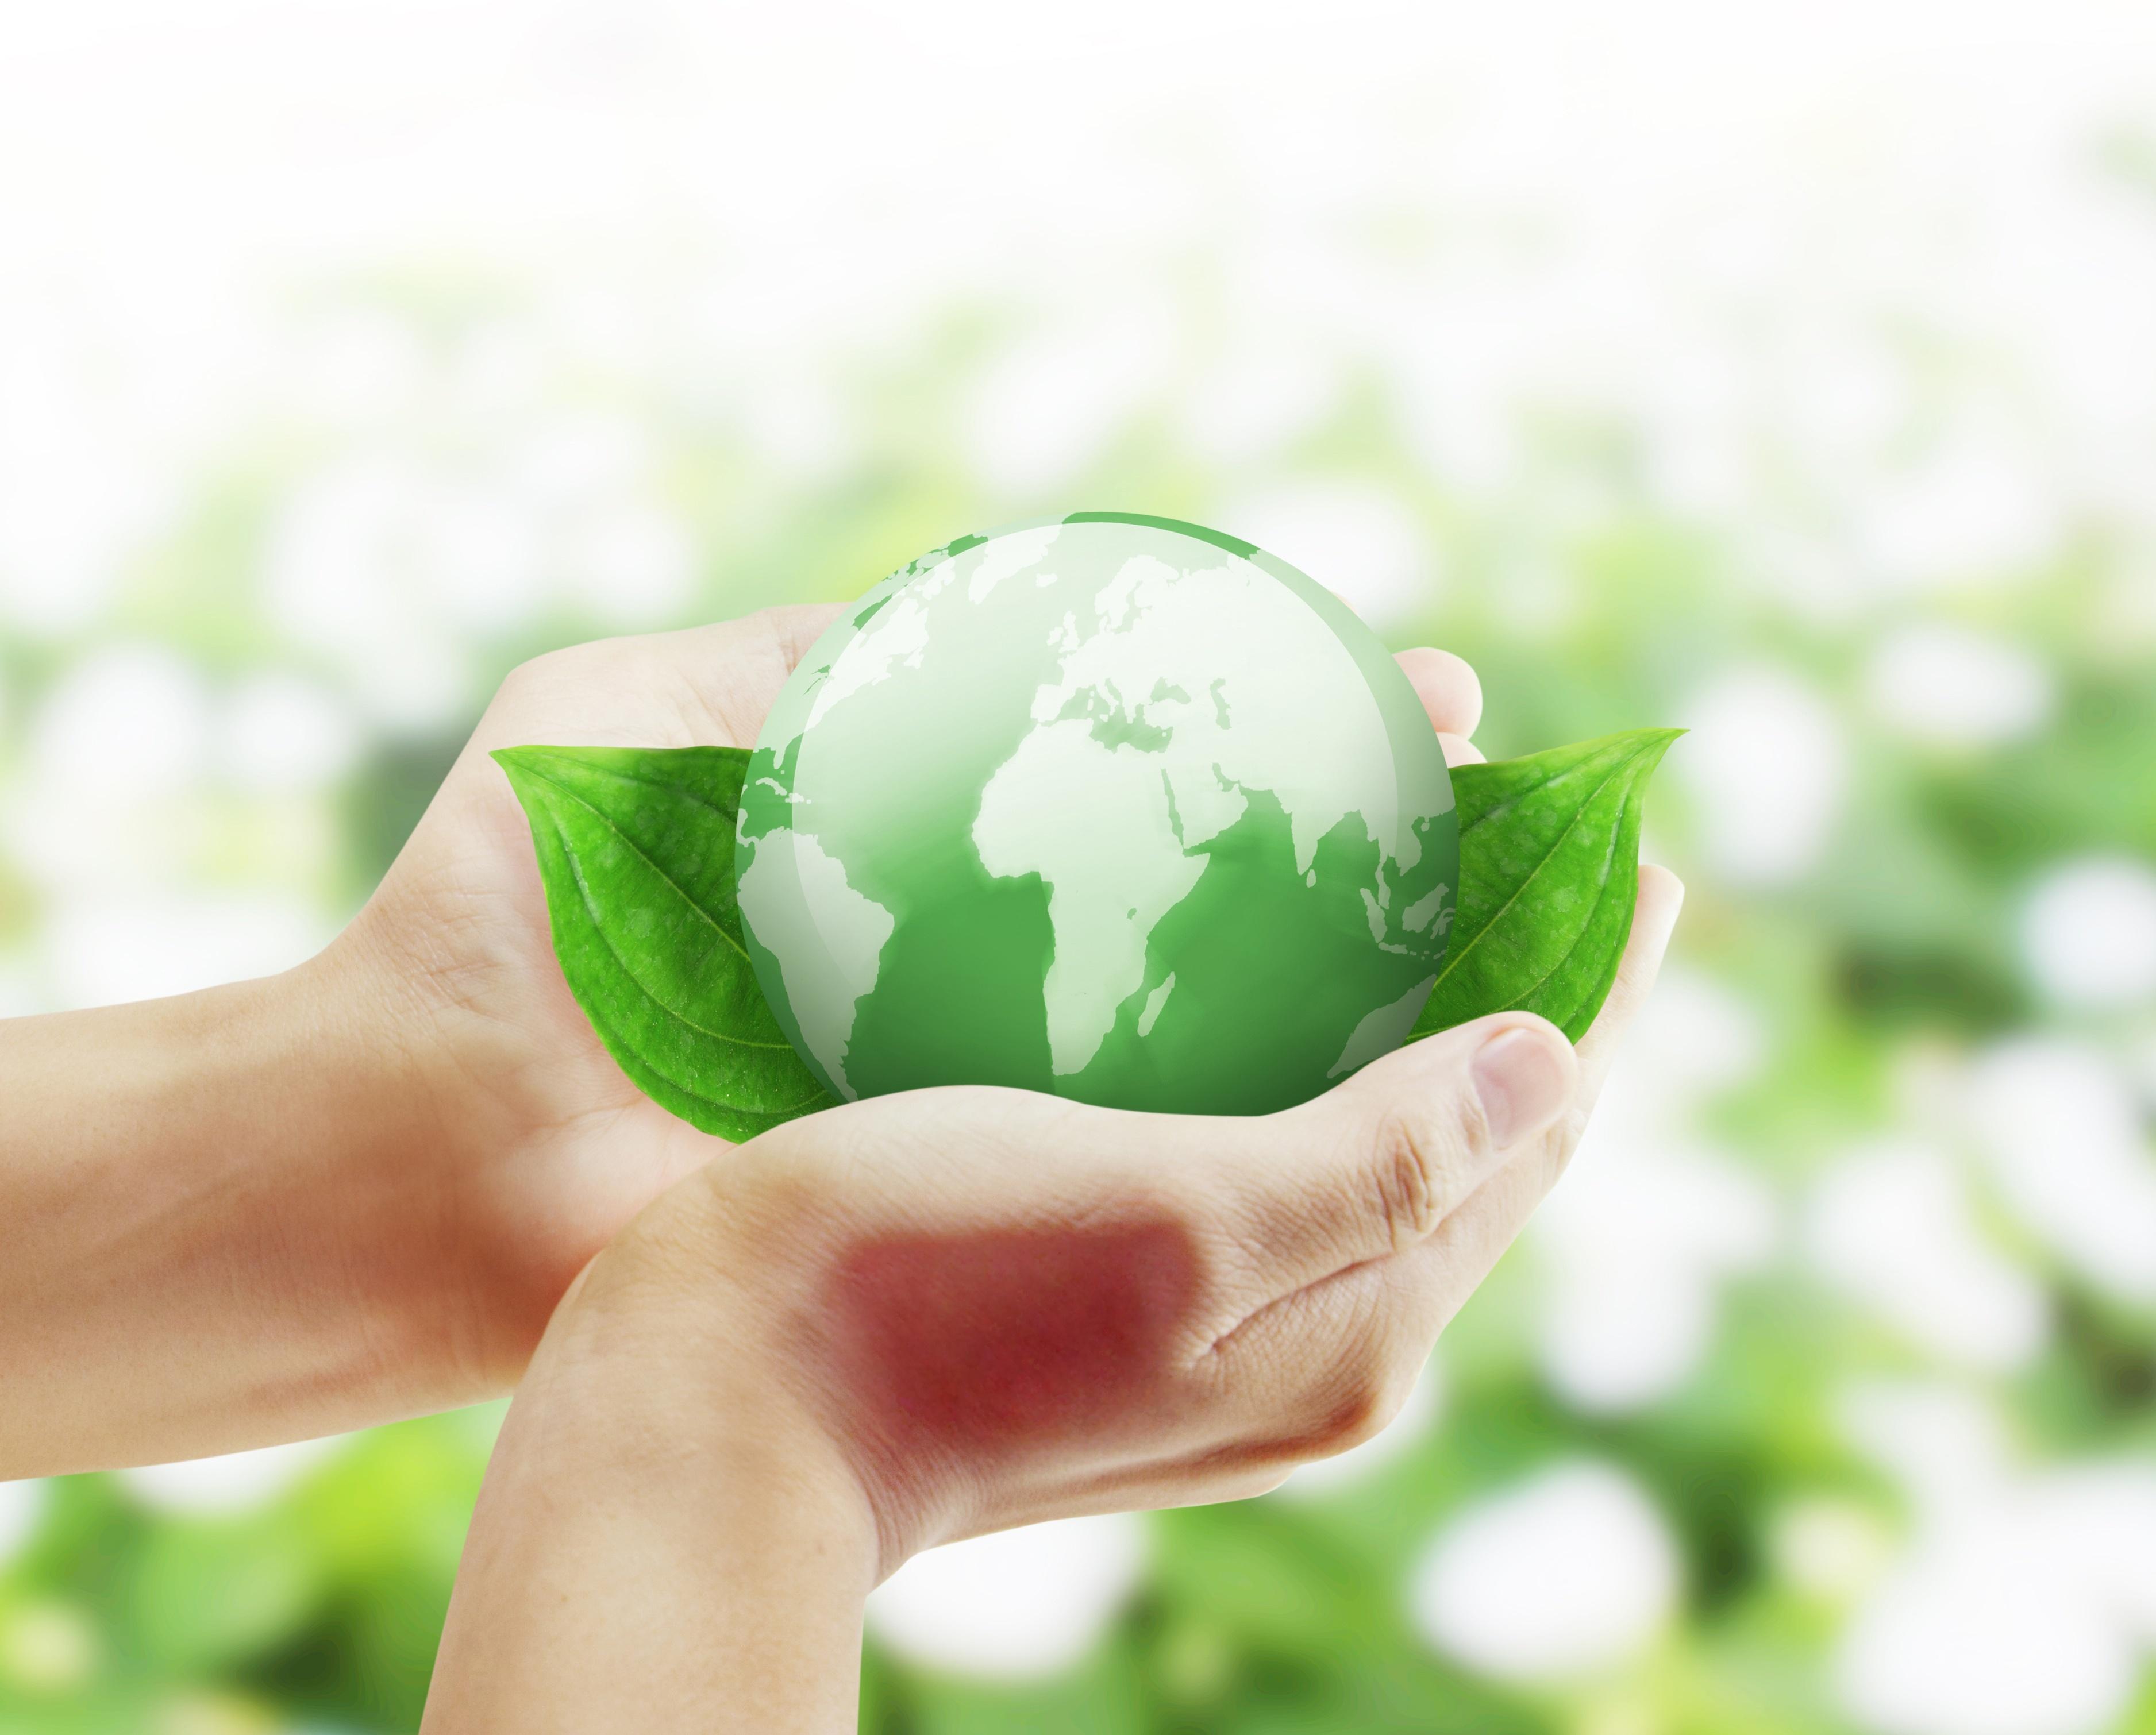 循環經濟,綠金市場無限大